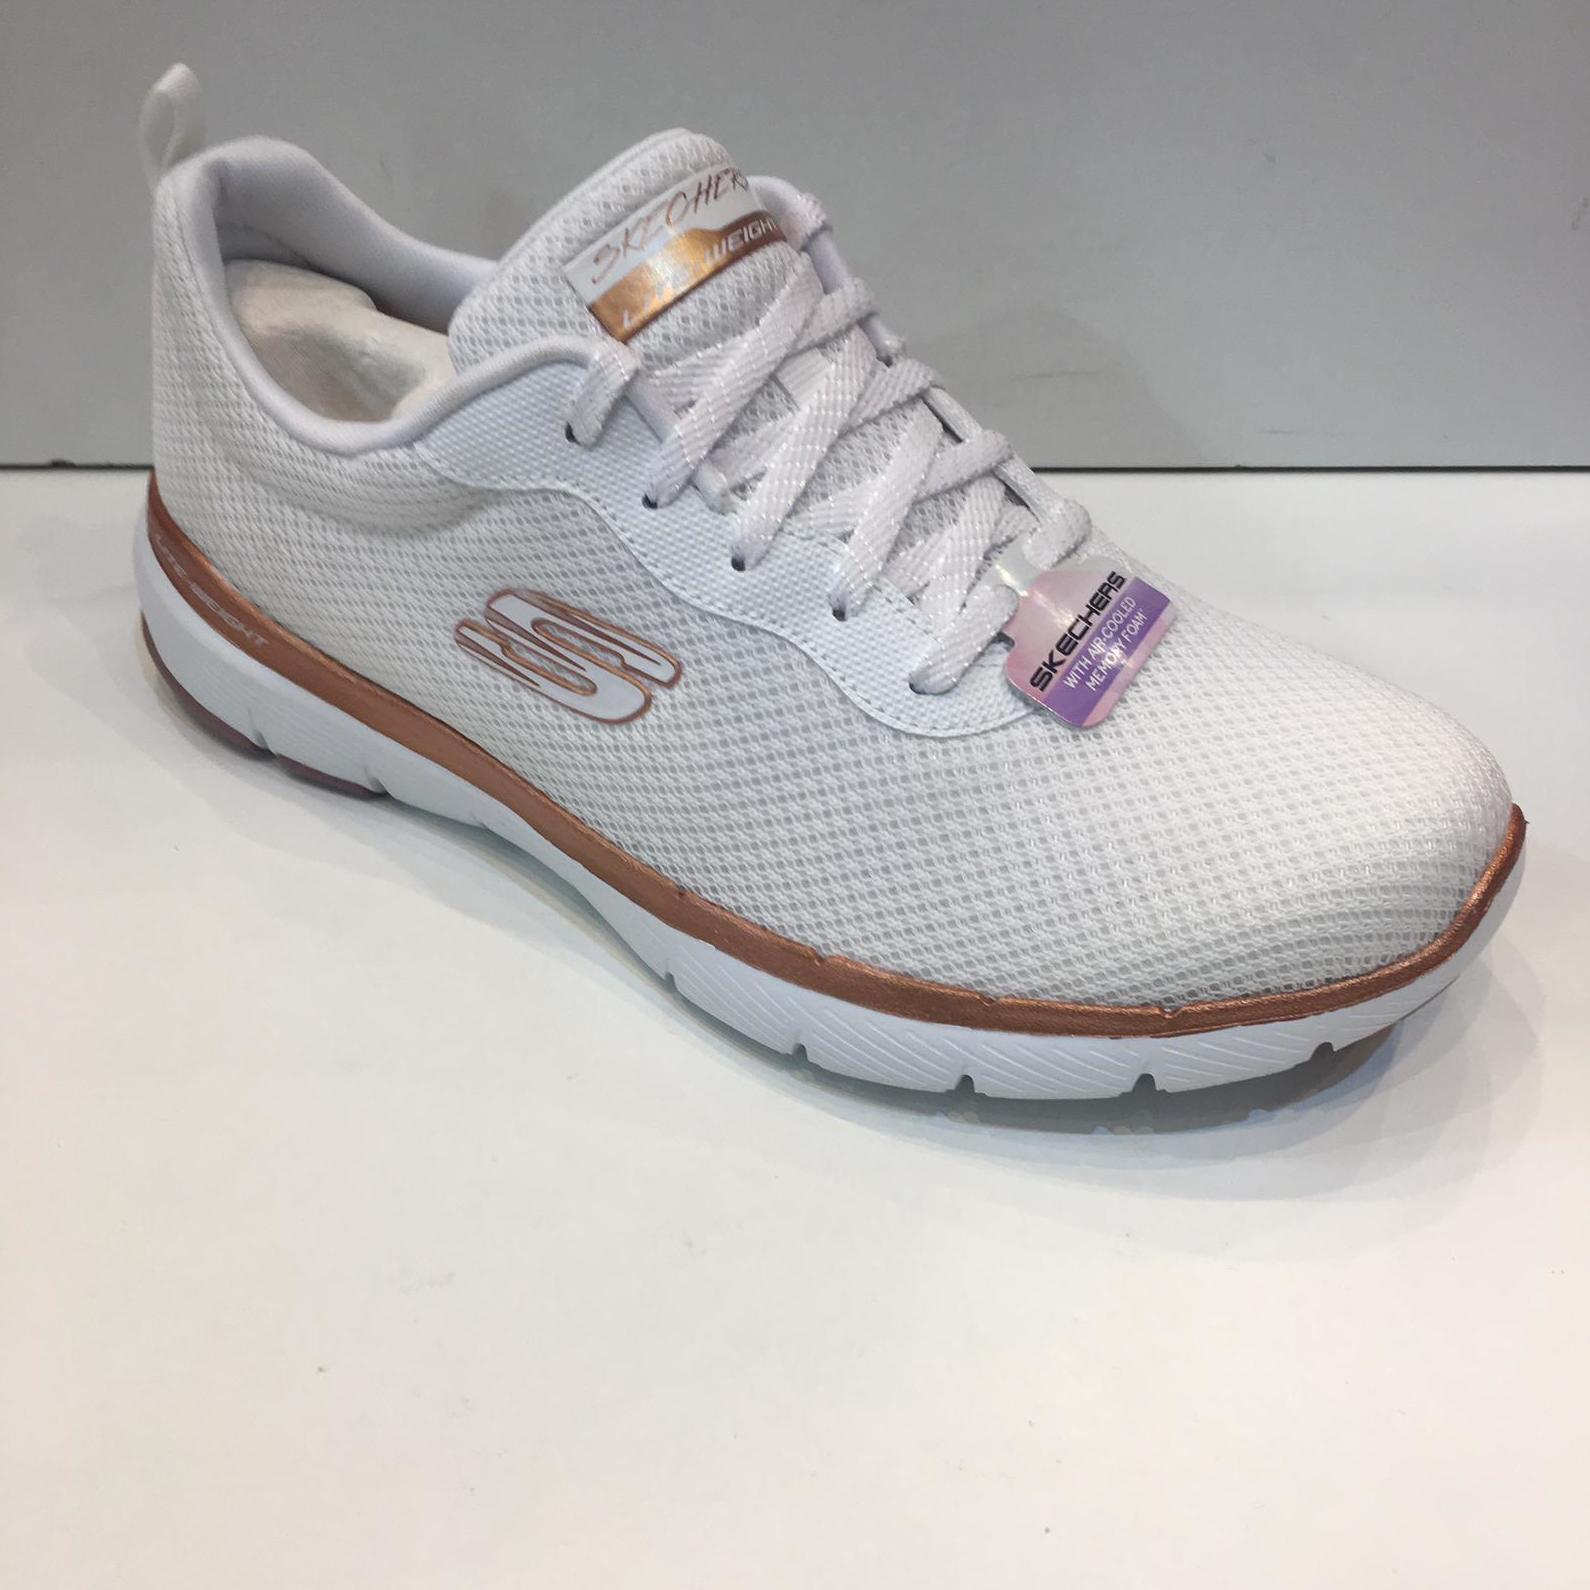 Sabata esportiva de dona, de la marca Skechers, plantilla Air-cooled Memory Foam, sola de resalite Lite-Weiight 59.95€